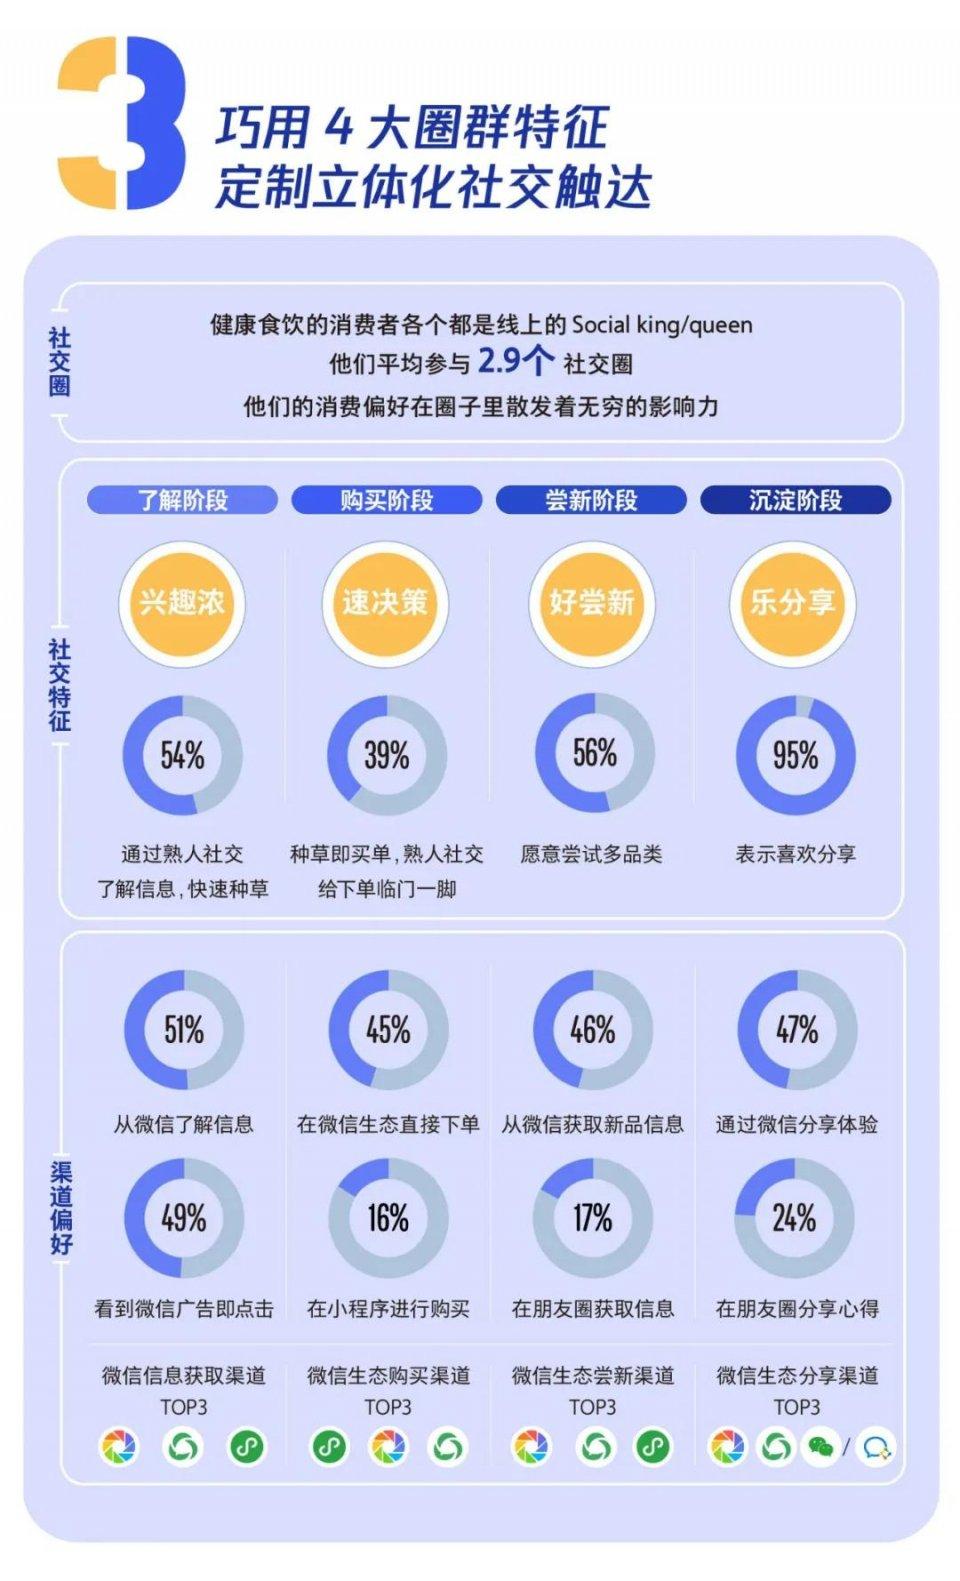 大数据研究报告,腾讯-腾讯健康食饮行业洞察白皮书(2021年版)!